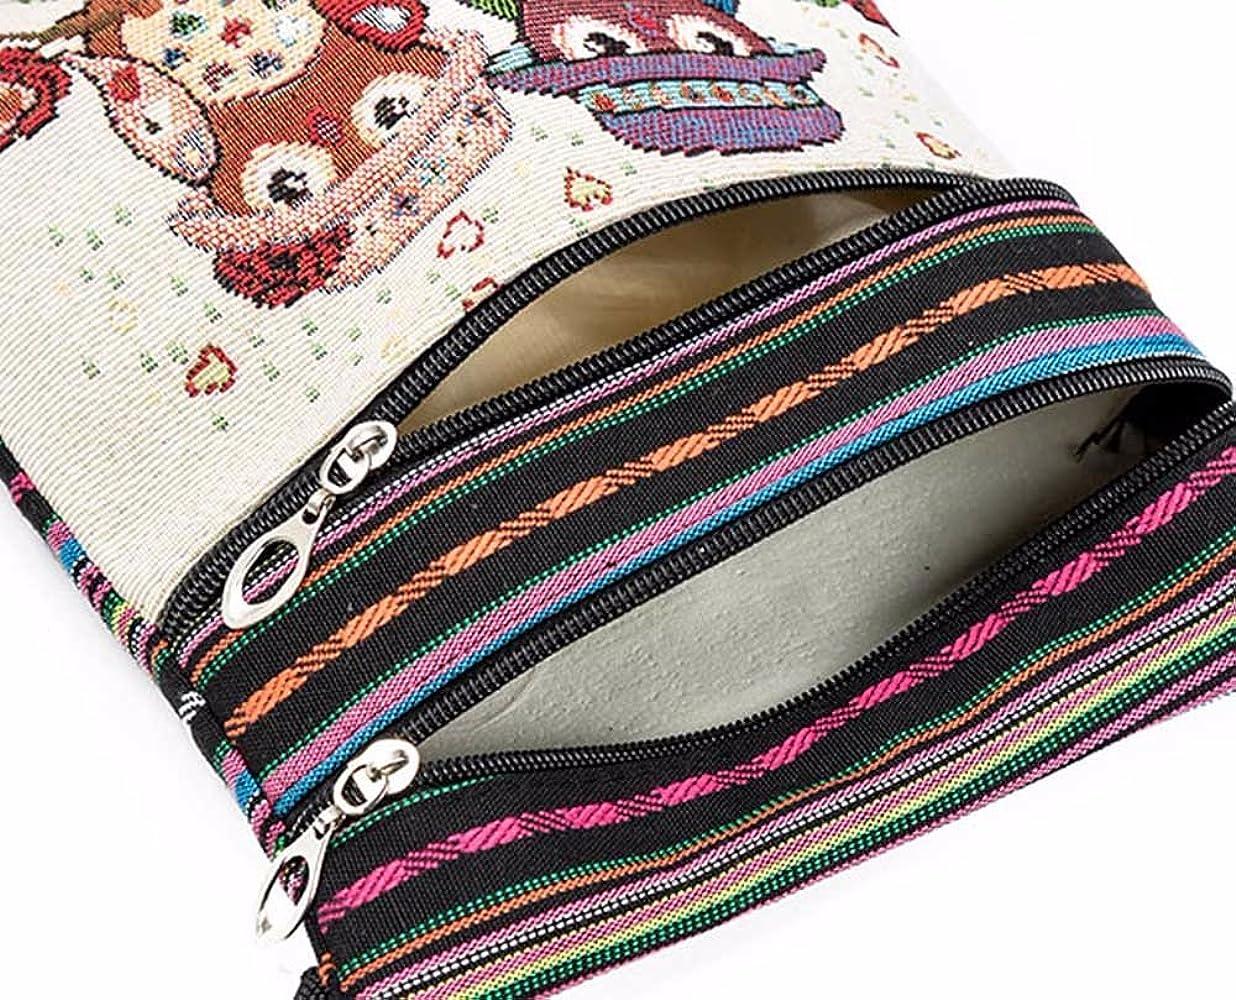 Posional Mochilas Mujer Casual Escolares Laptop Bolsa Retro Lona Outdoor Daypack Mochila Nylon Gran Capacidad Impermeable Escolar Bolsos Bandolera Para Mujer Viaje Mujeres Escuela Adolescente: Amazon.es: Ropa y accesorios